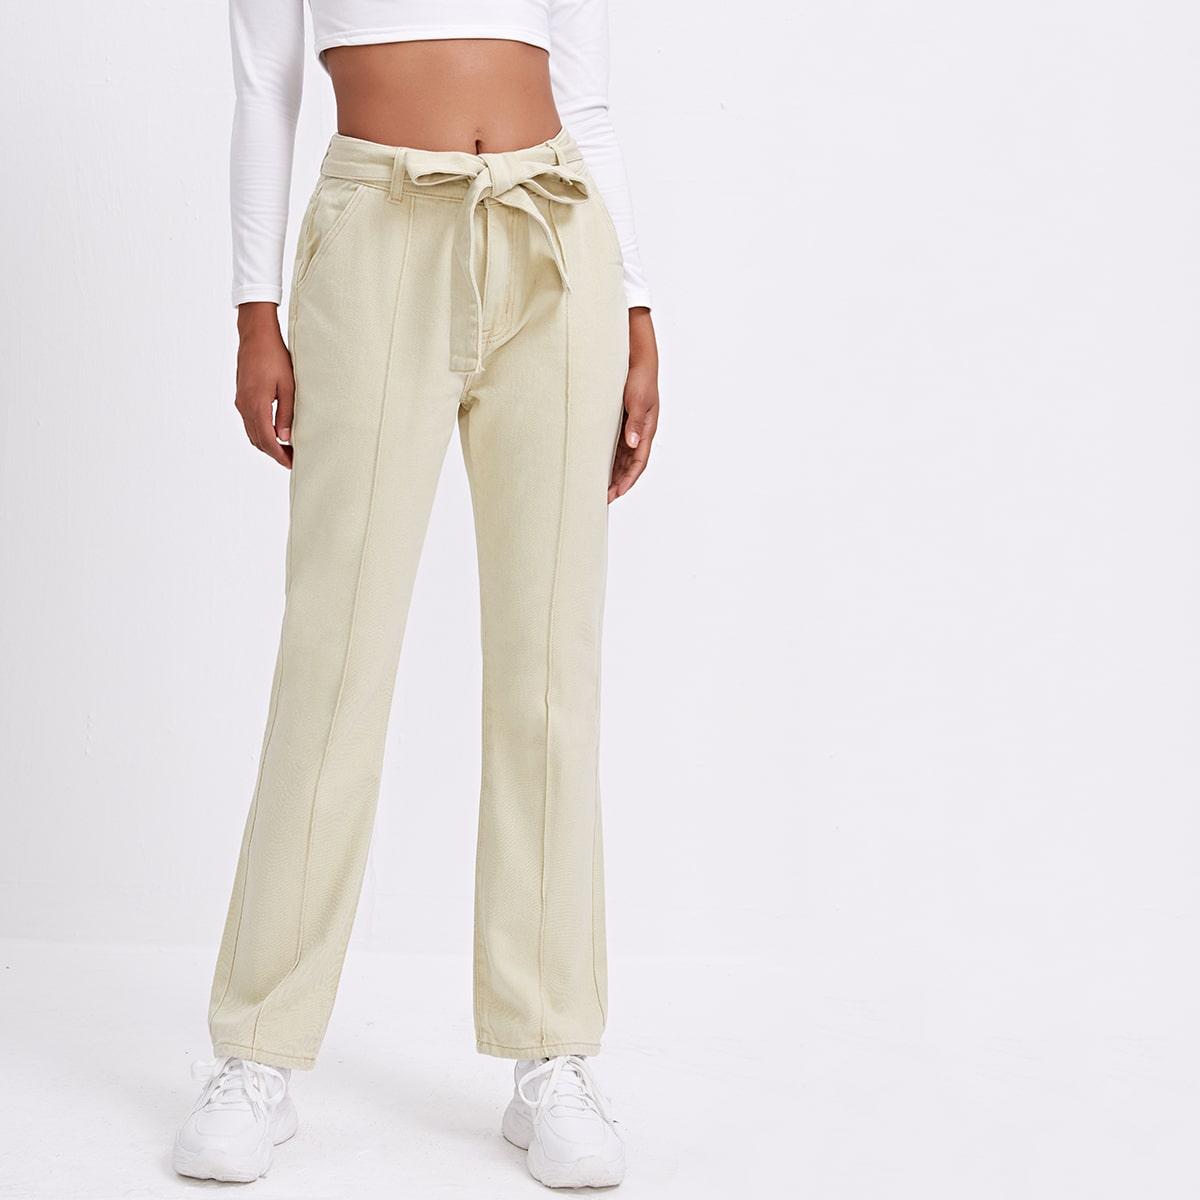 Пугавица одноцветный элегантный джинсы